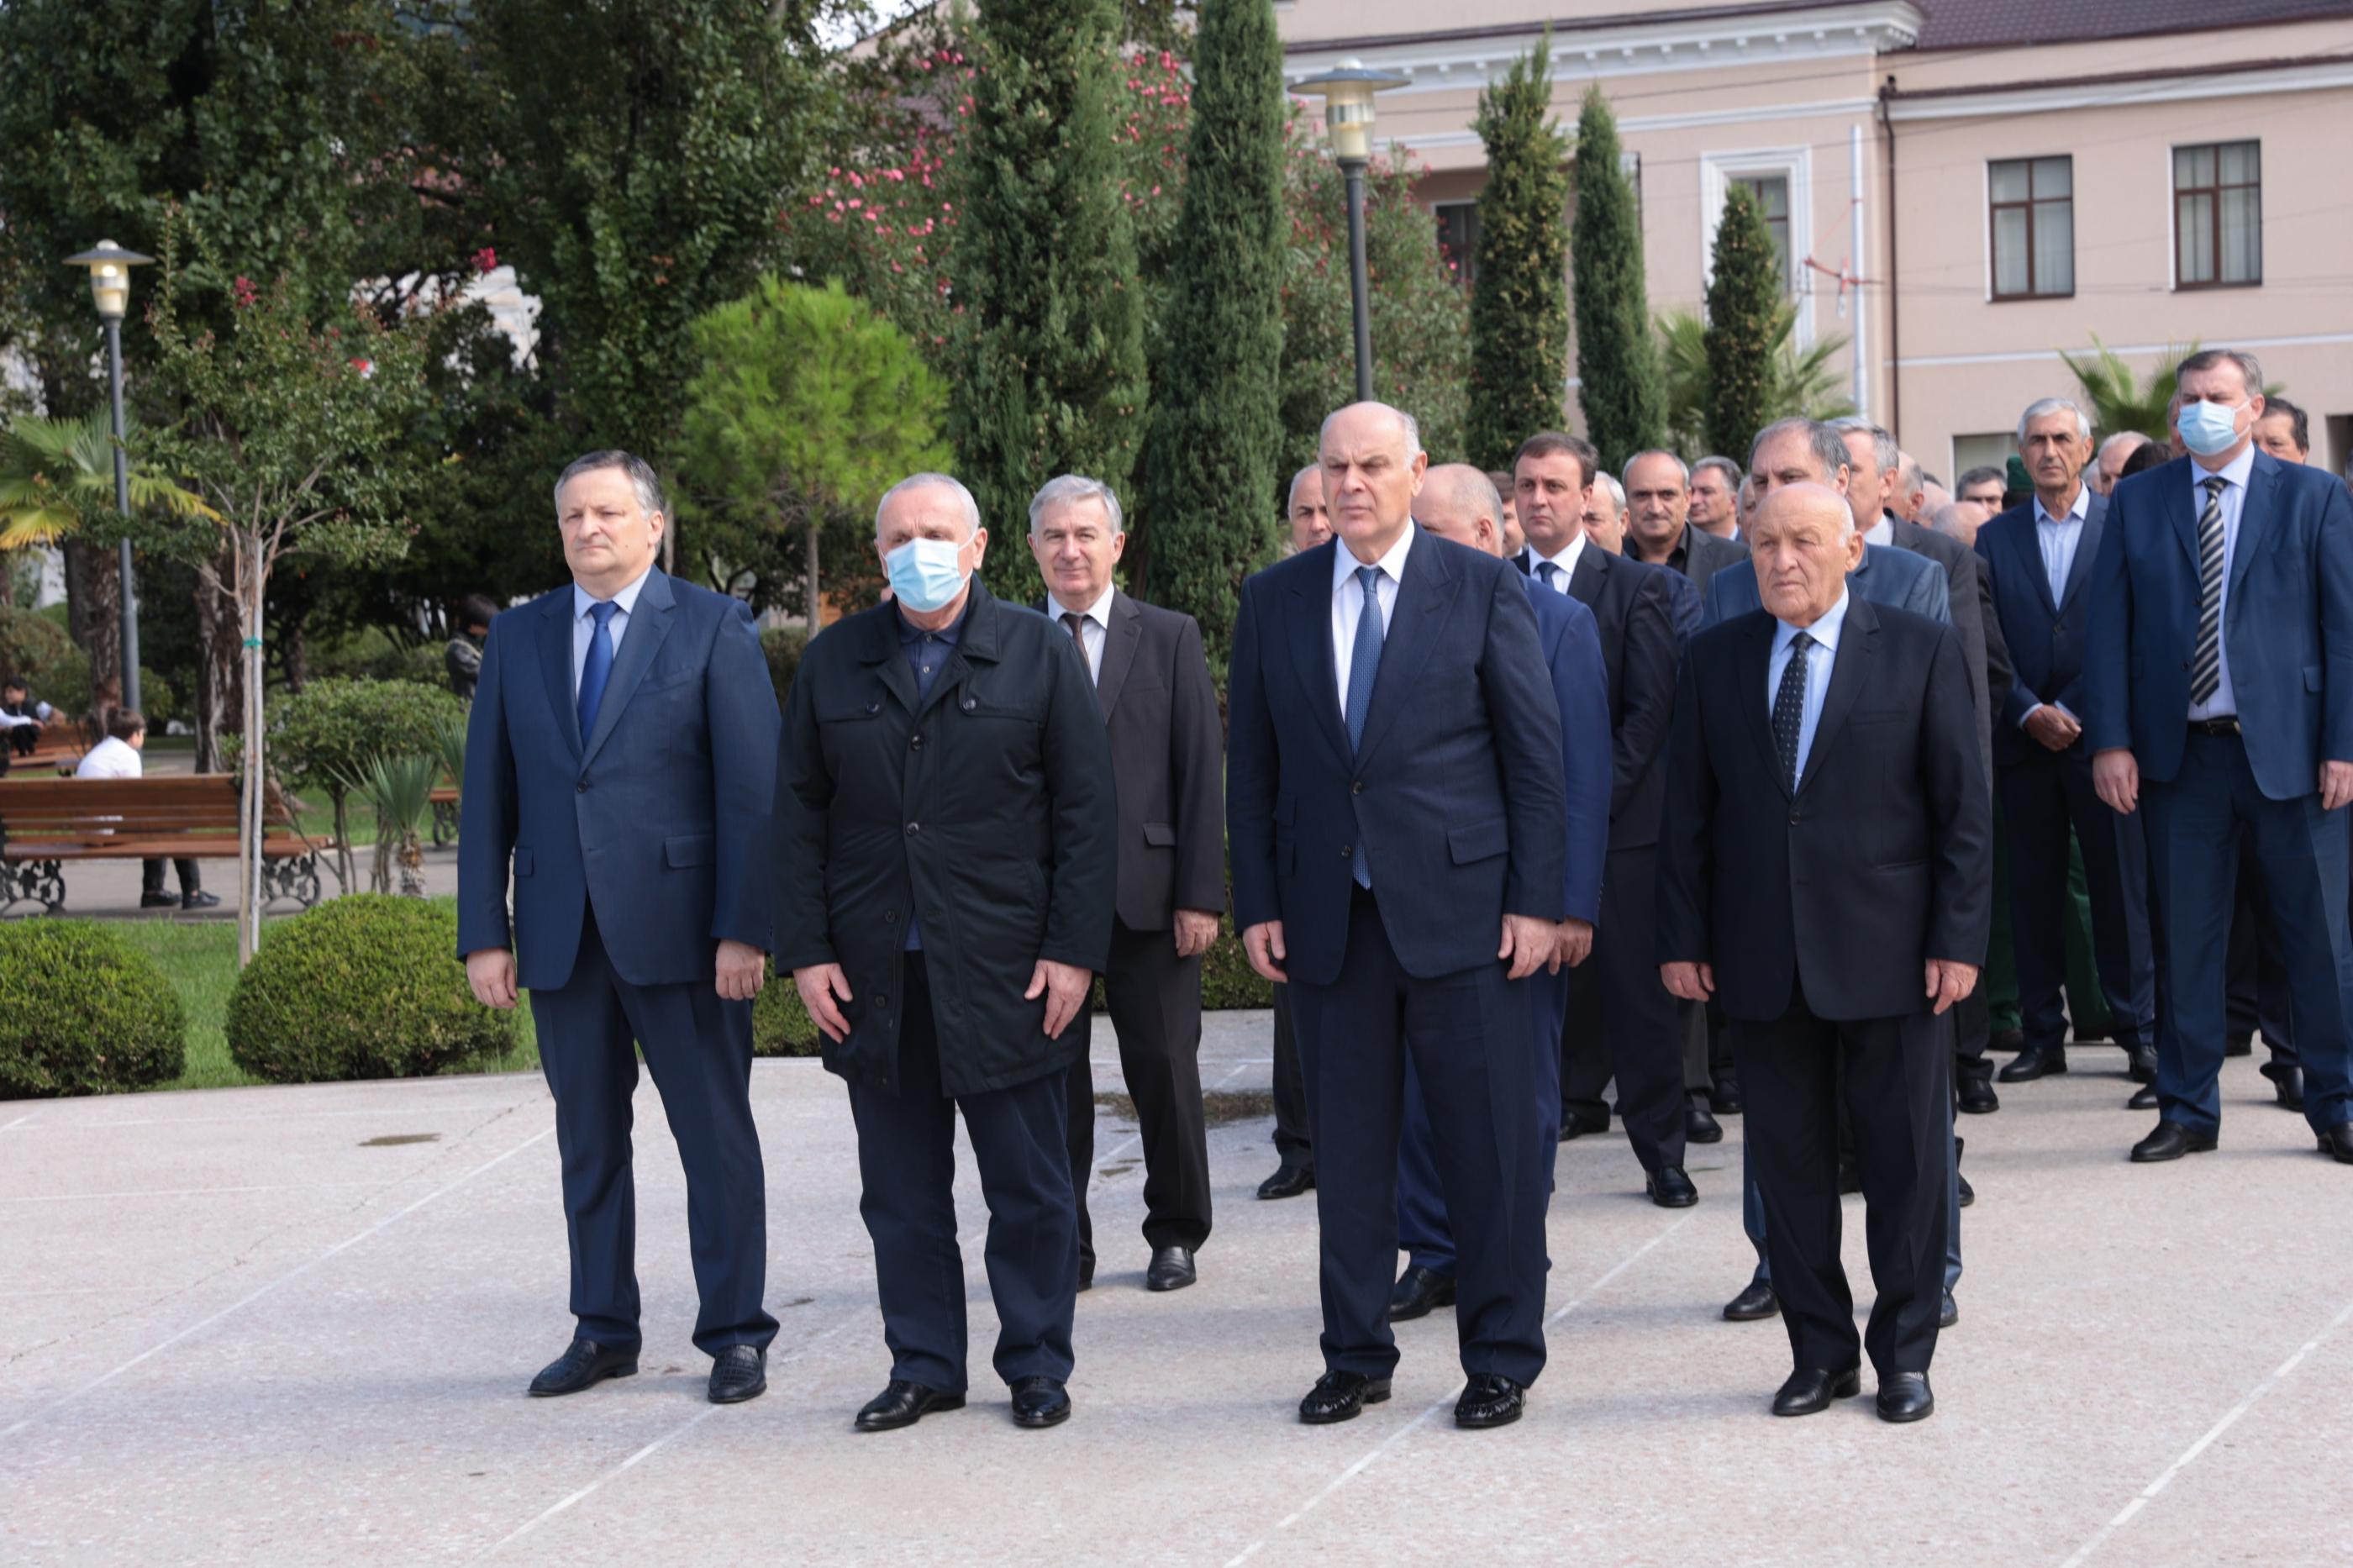 Президент Абхазии почтил память погибших в Отечественной войне народа Абхазии